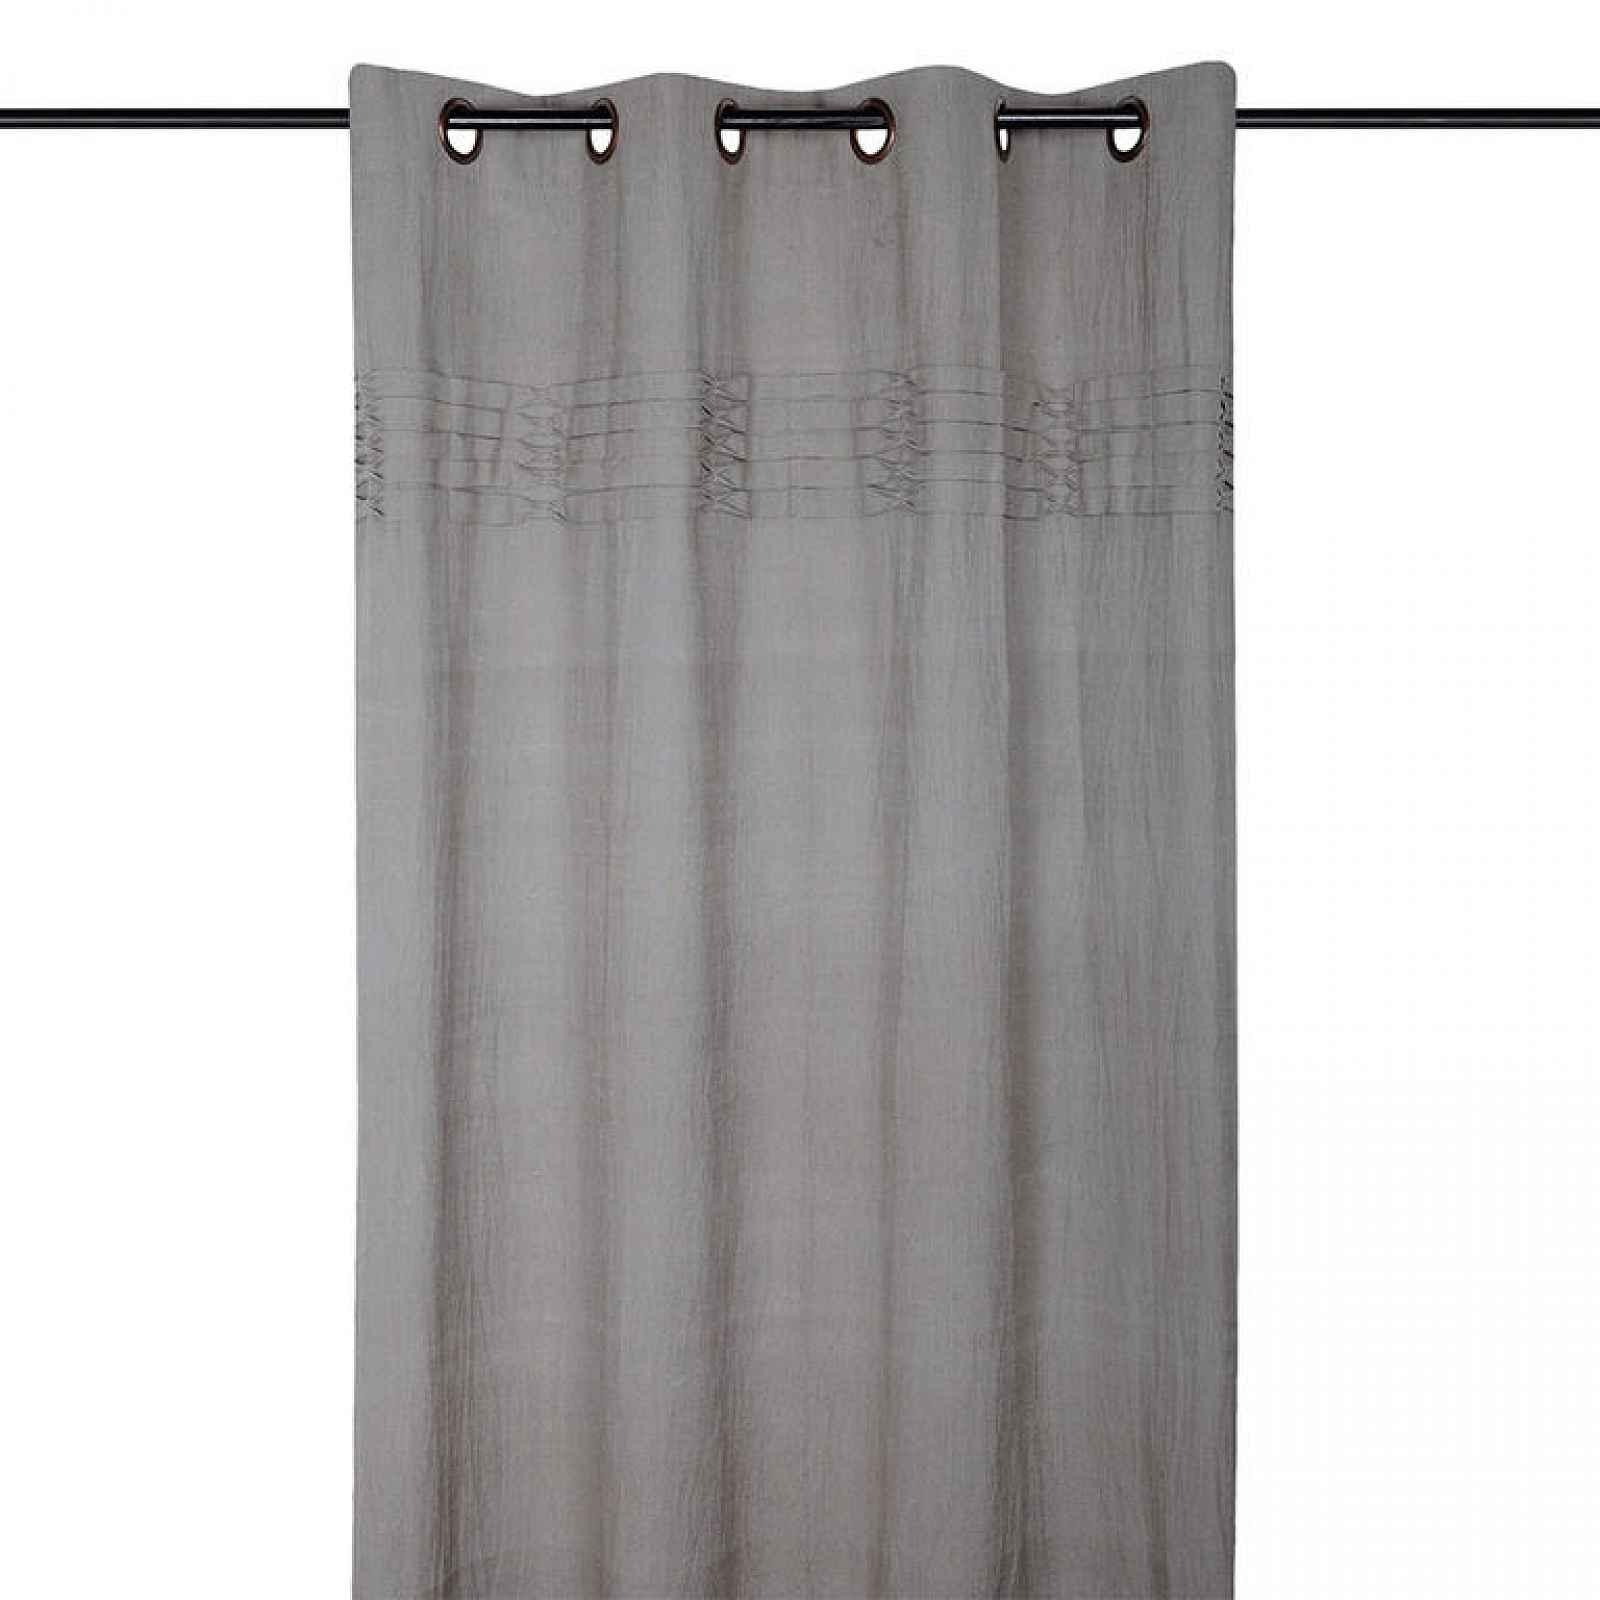 Dekorační závěs EMILIE šedá 140 x 260 cm 1 ks